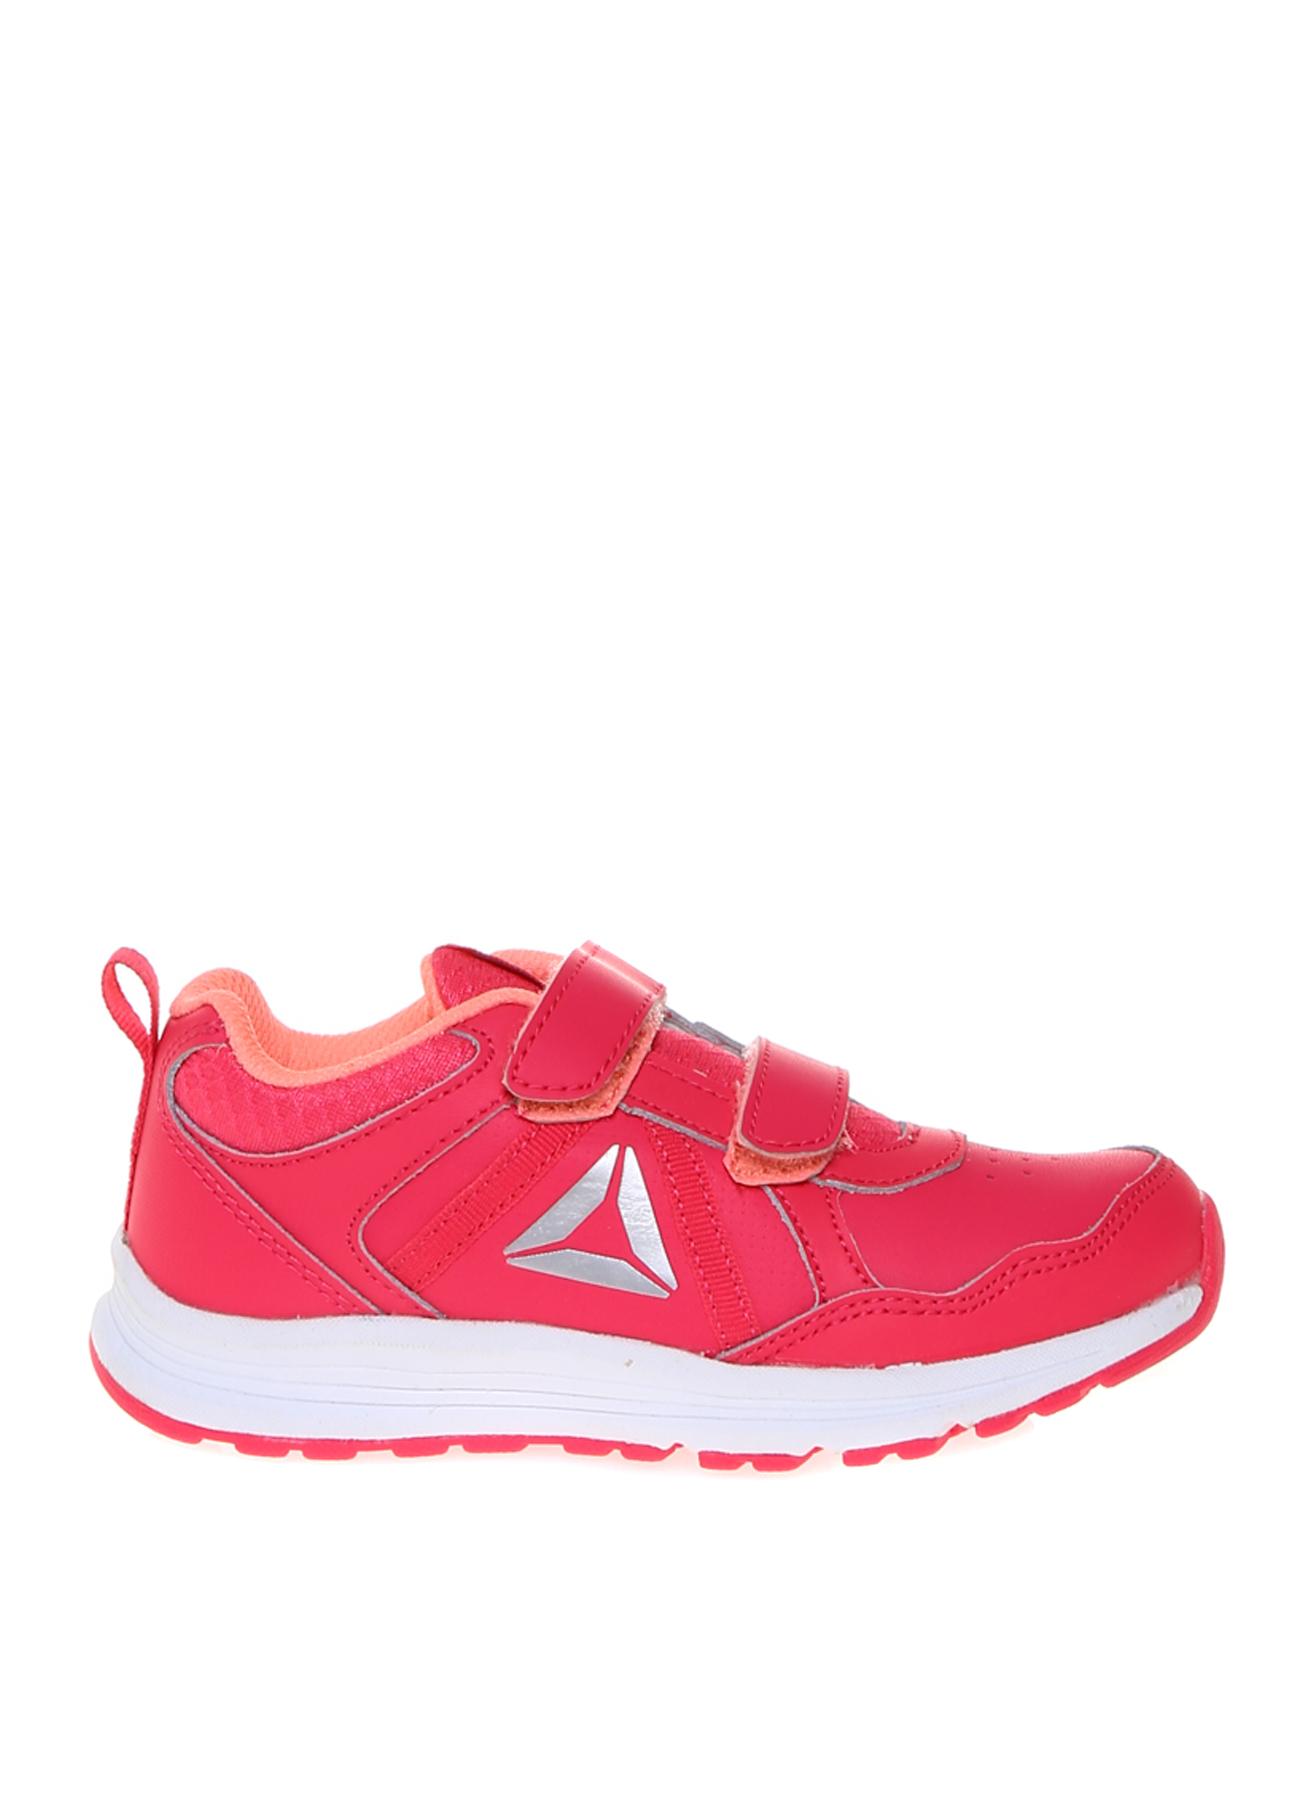 Reebok Koşu Ayakkabısı 28 5001700748003 Ürün Resmi